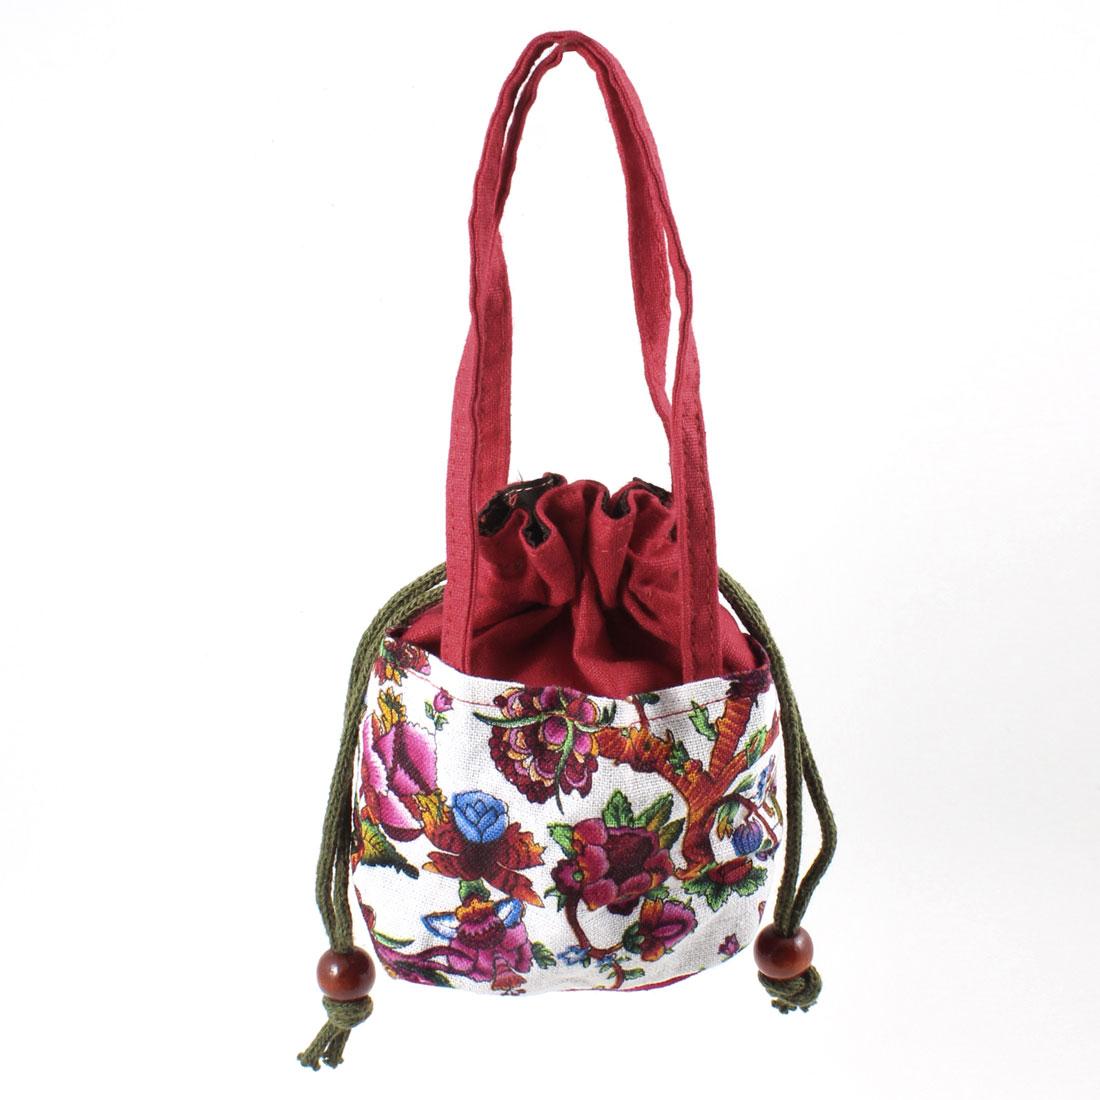 Lady Accessory Olive Green Drawstring Novelty Prints Nylon Handbag Burgundy